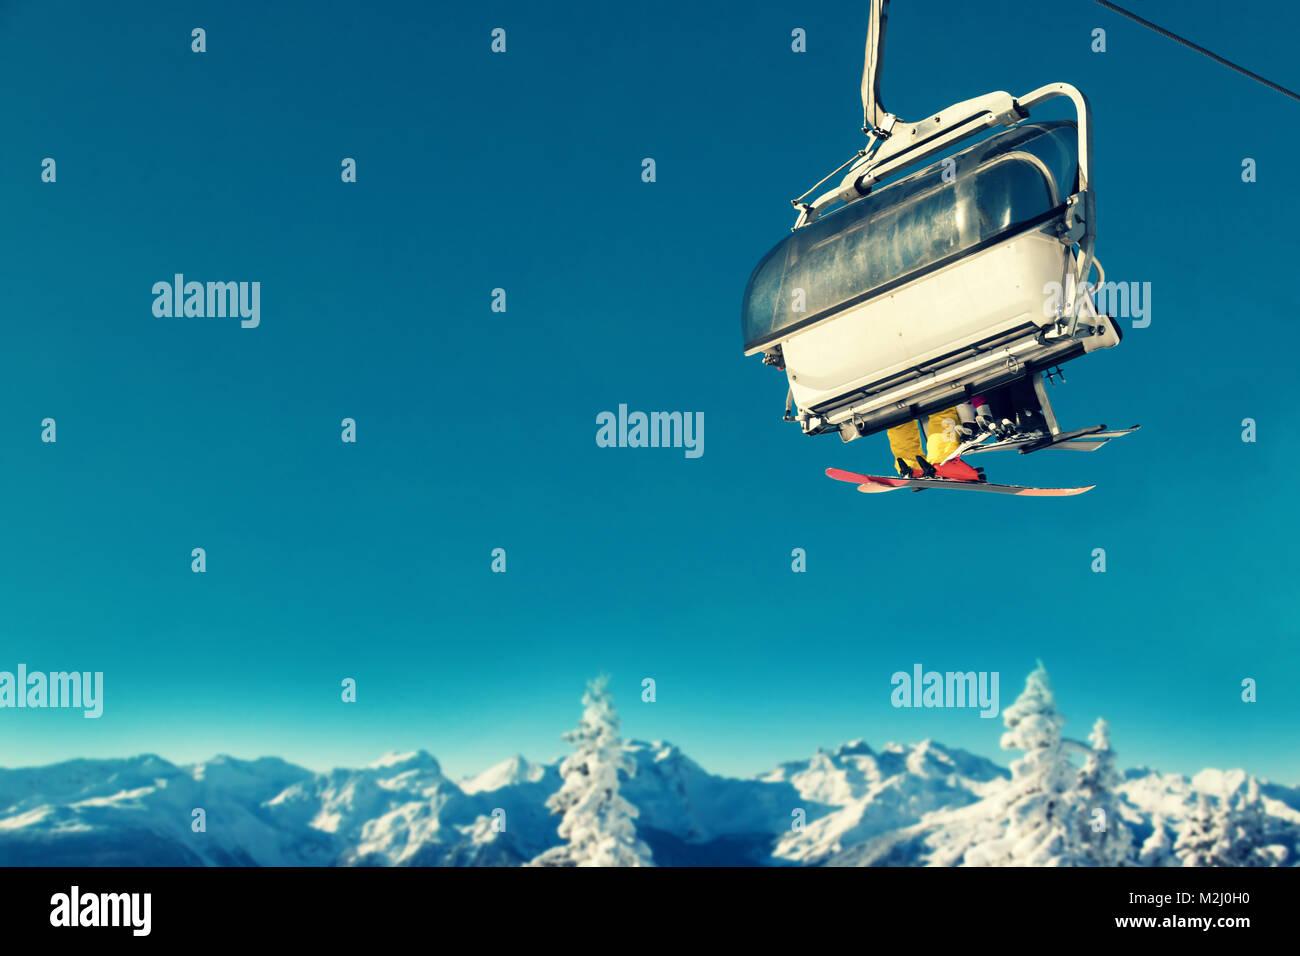 Menschen in Sesselbahn am Skigebiet über schneebedeckte Bäume und Berge Stockfoto